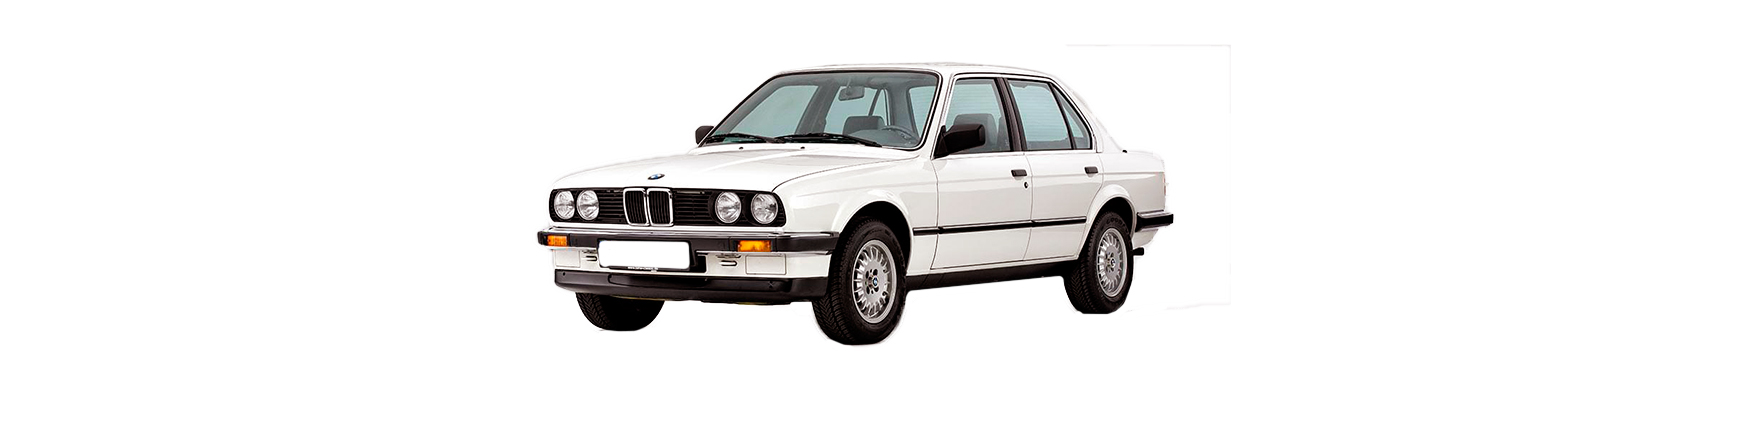 bmw serie 3 e30 1982 1983 1984 1985 1986 1987 1988 1989 90 91 92 1993